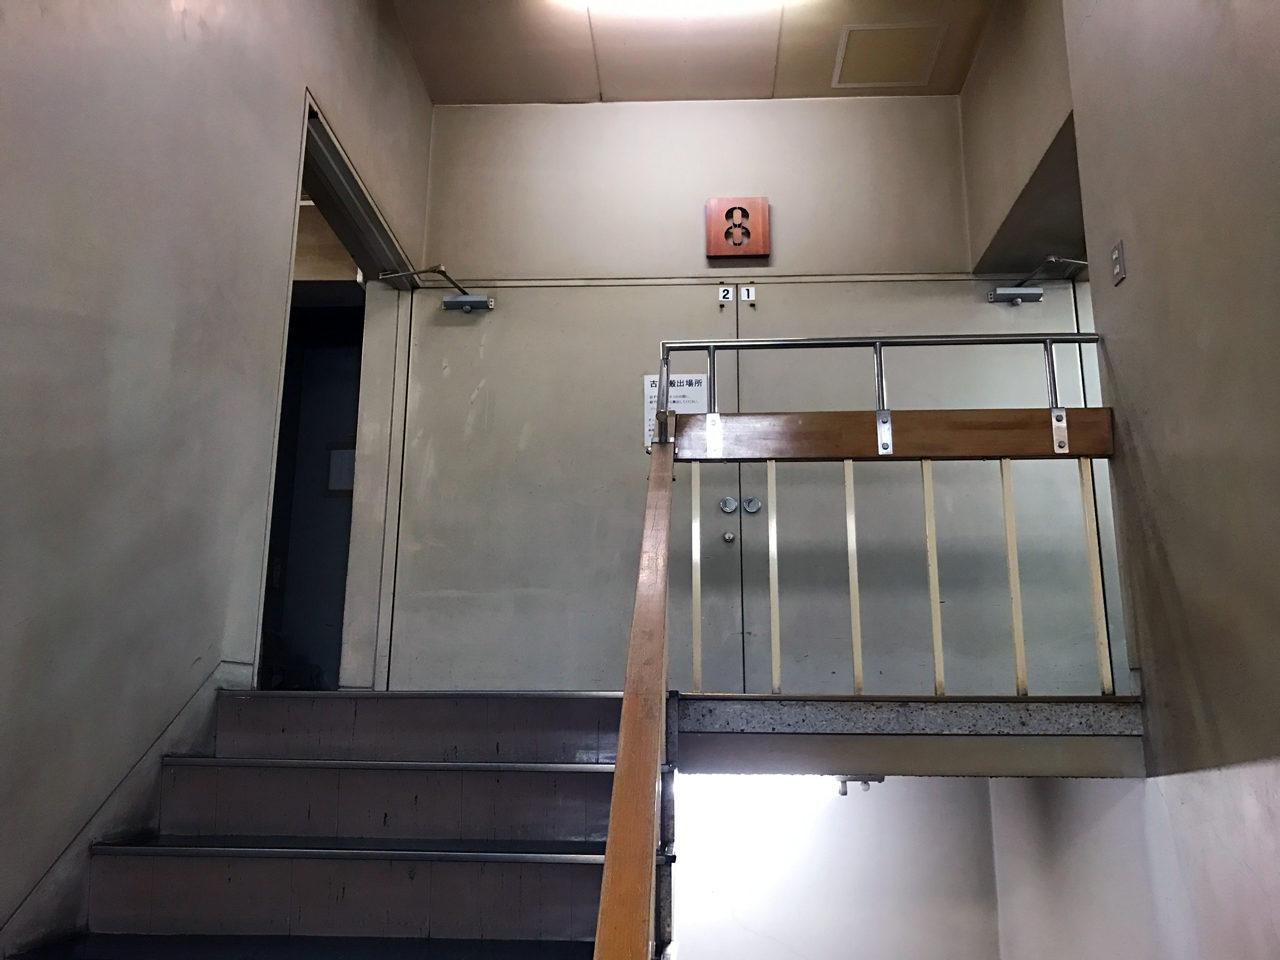 店舗(石材店・墓石屋)付き住宅の申請書類を受取りに岐阜市役所都市計画課へ